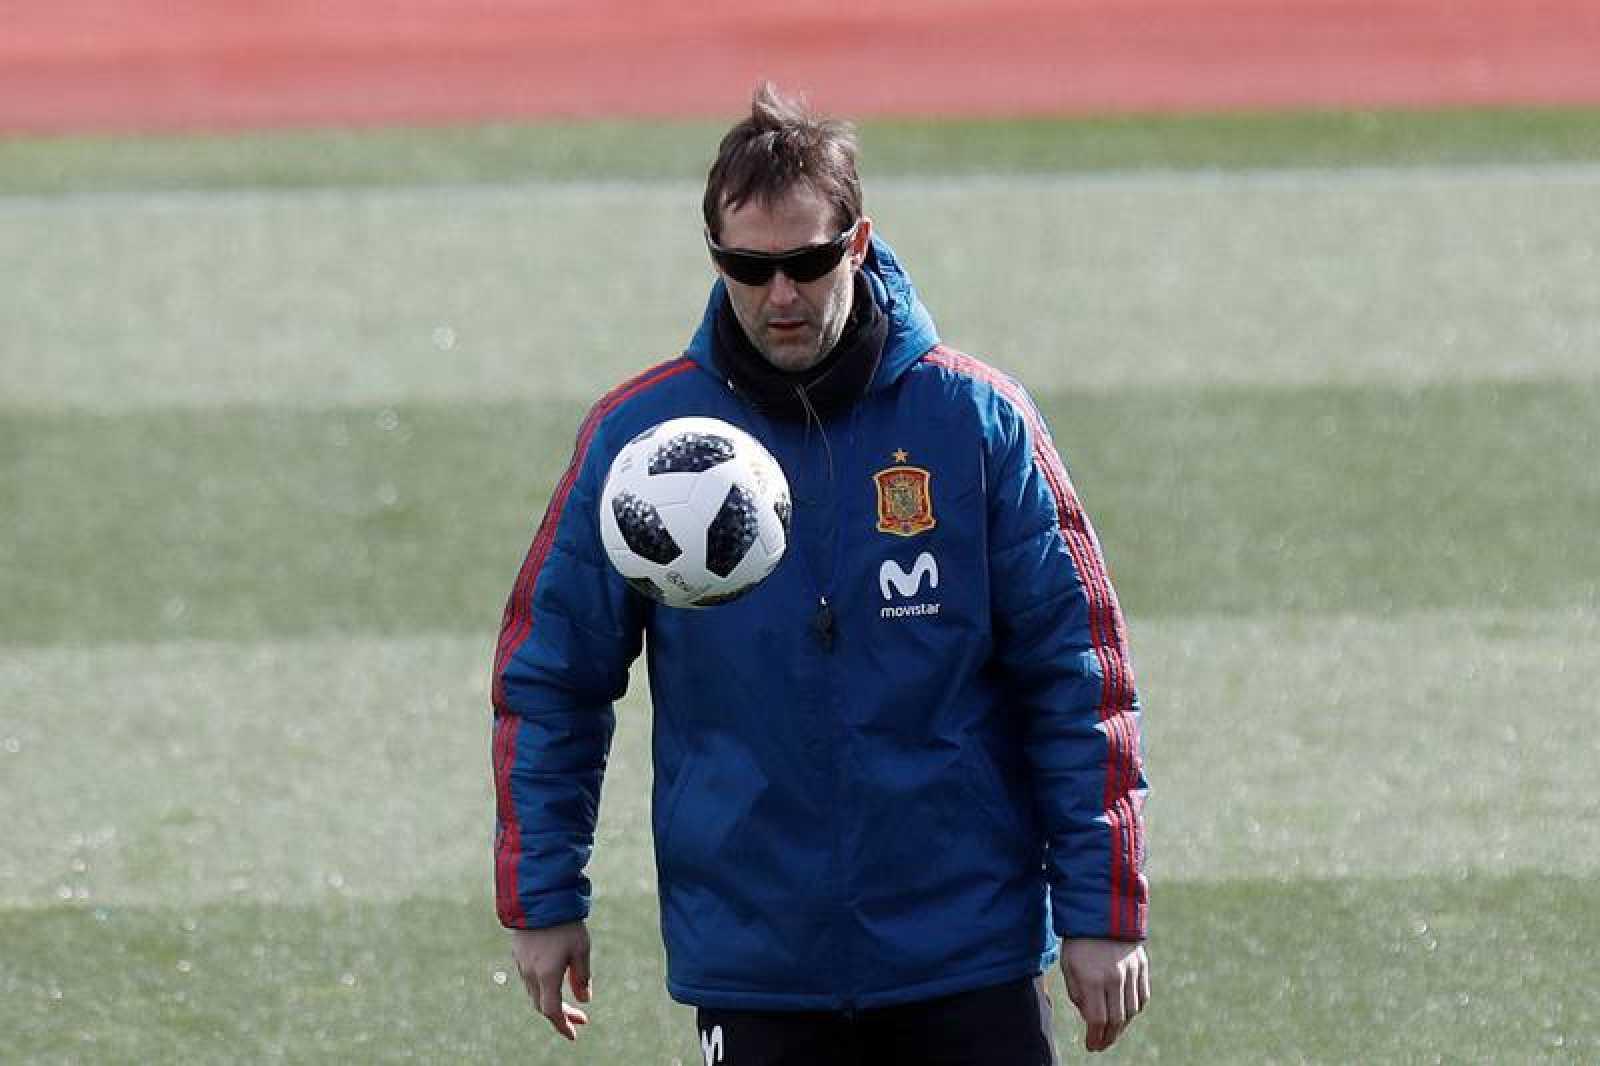 El entrenador de la selección española de fútbol, Julen Lopetegui, durante el entrenamiento de La Roja.